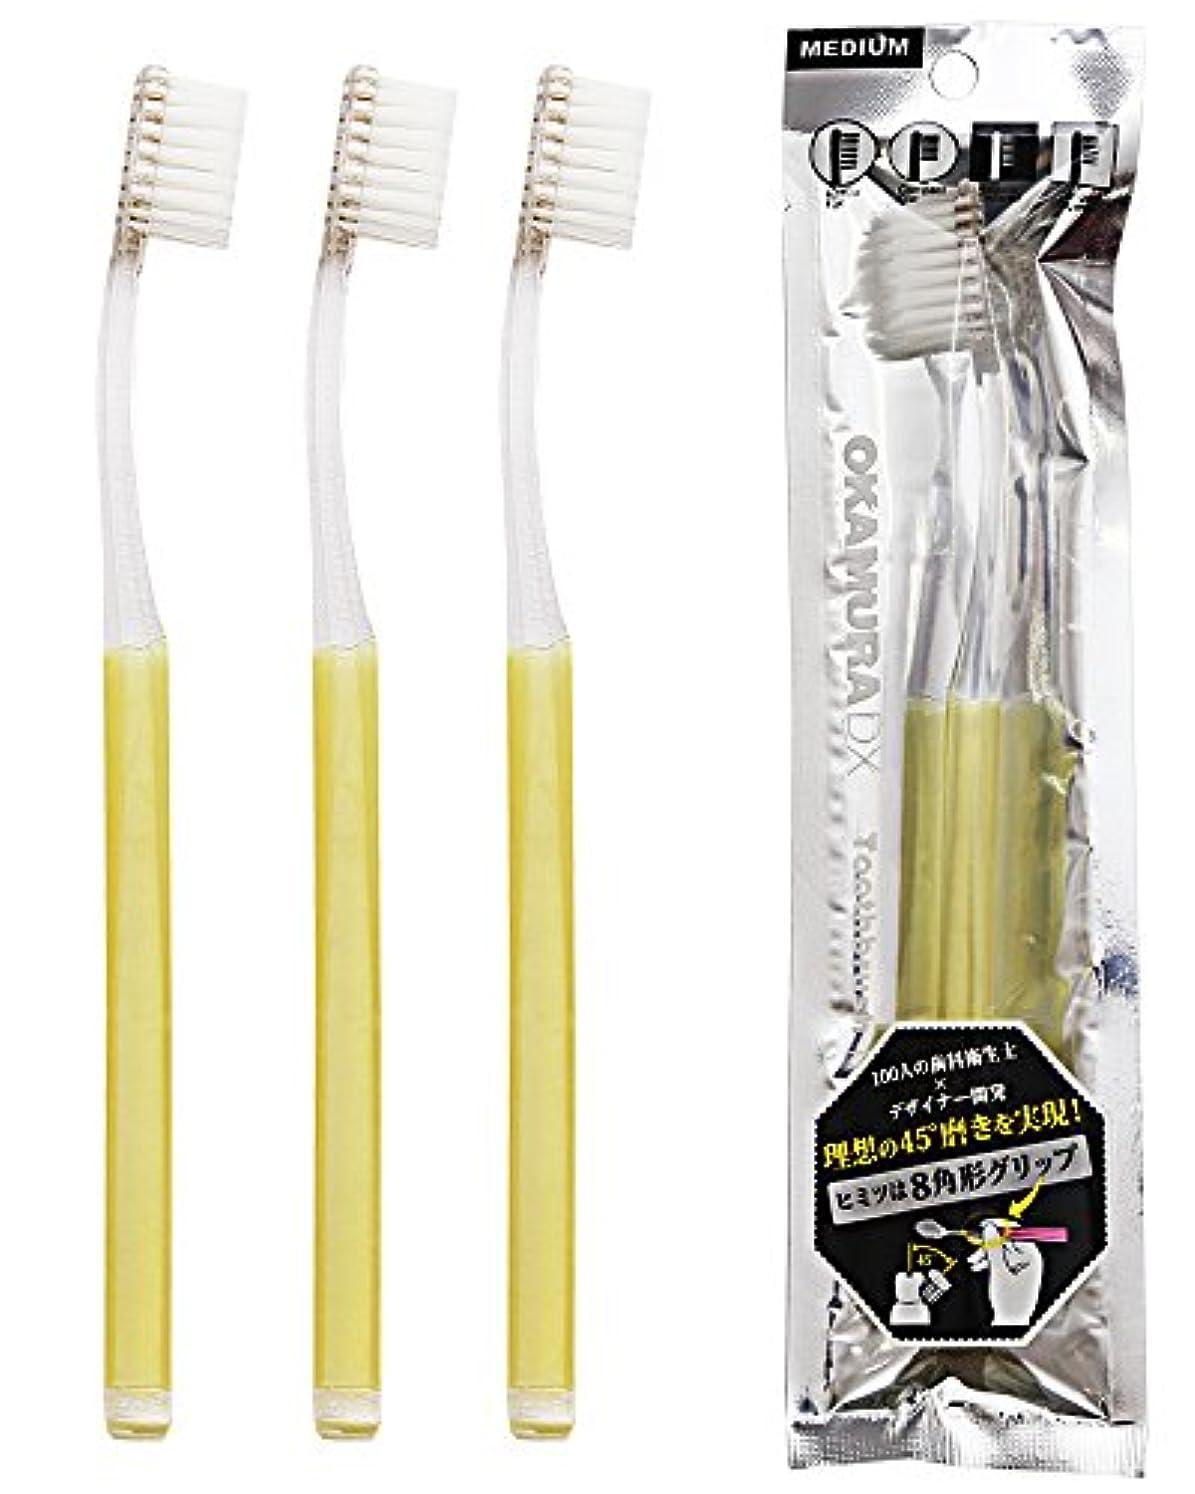 受粉者小麦適合しましたオカムラ(OKAMURA) ラージヘッド 先細 歯ブラシ 3本セット イエロー